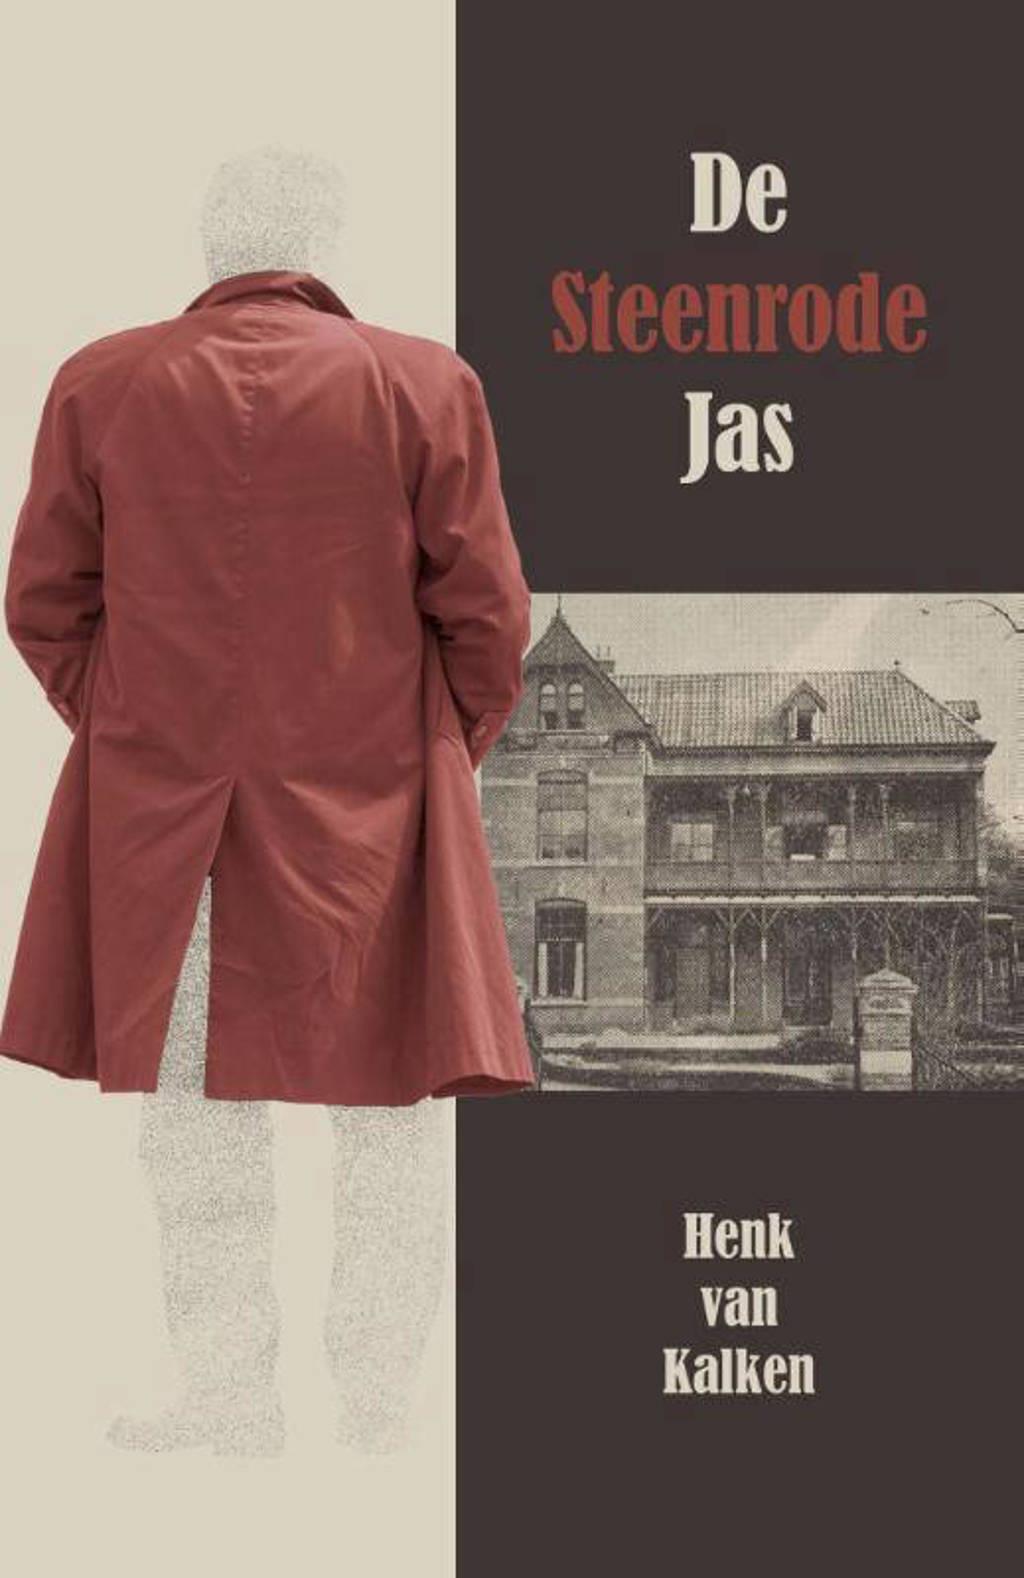 De steenrode jas - Henk van Kalken